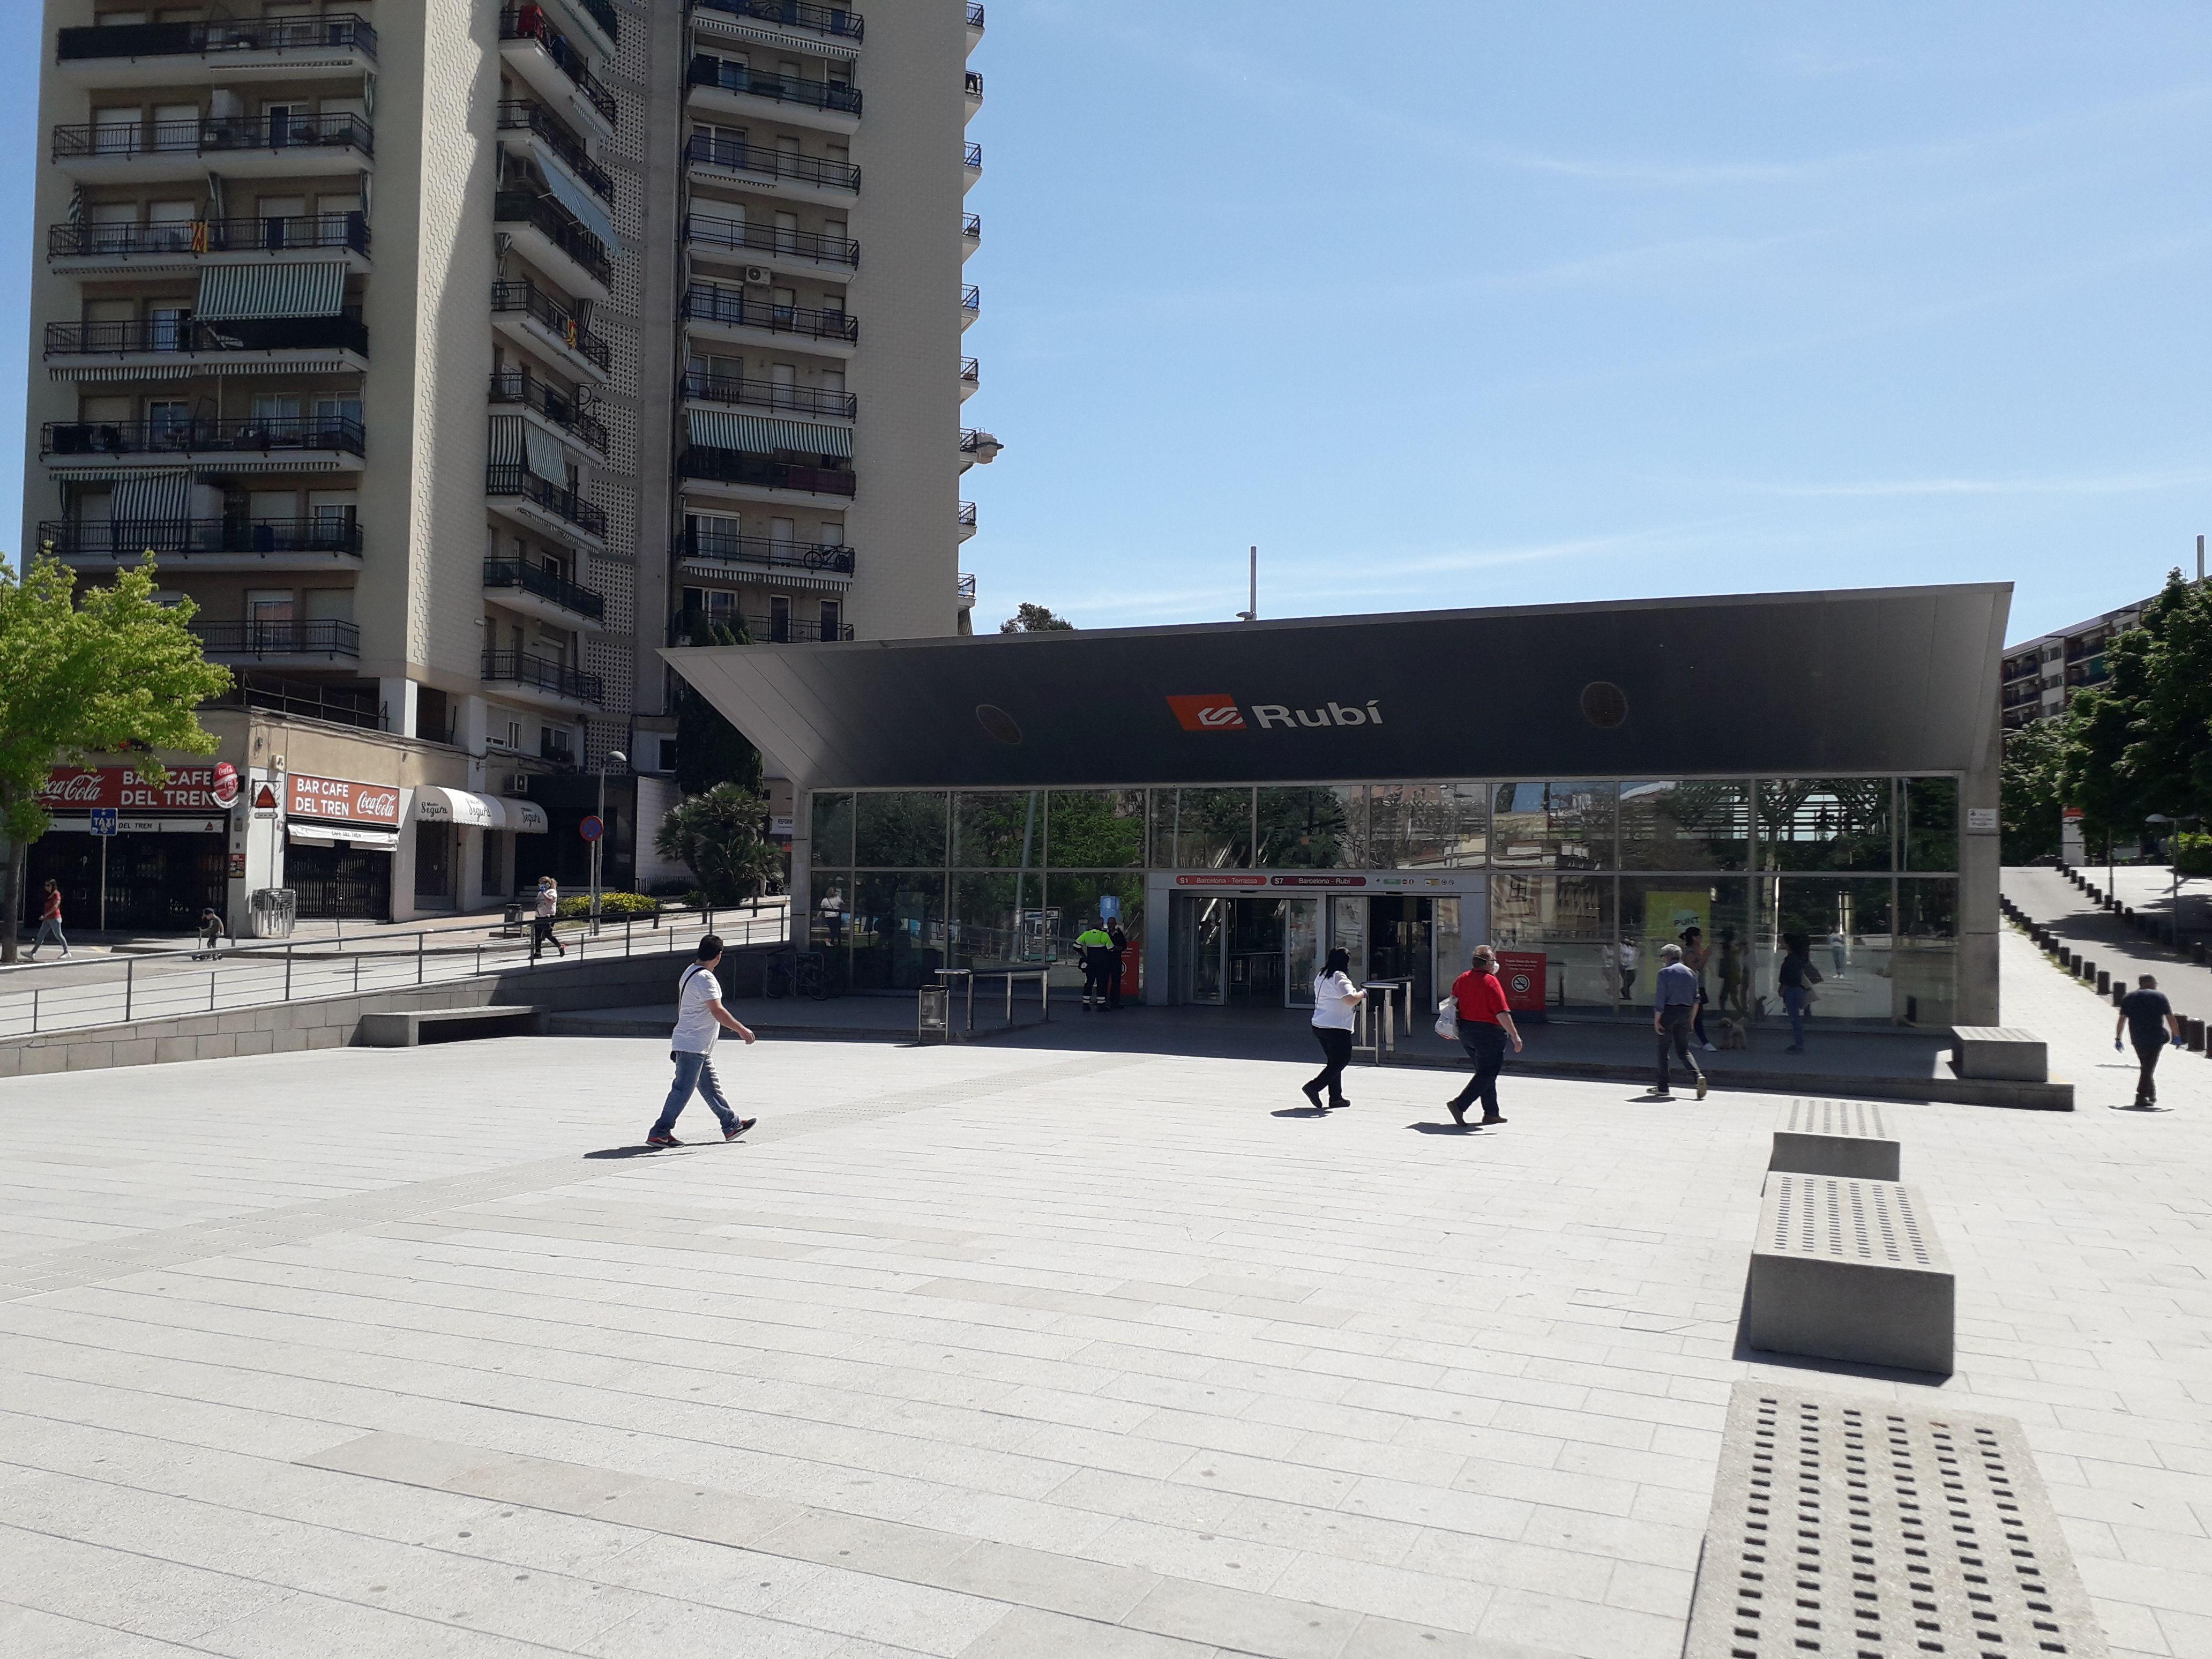 Plaça de la Nova Estació. FONT: Núria HS